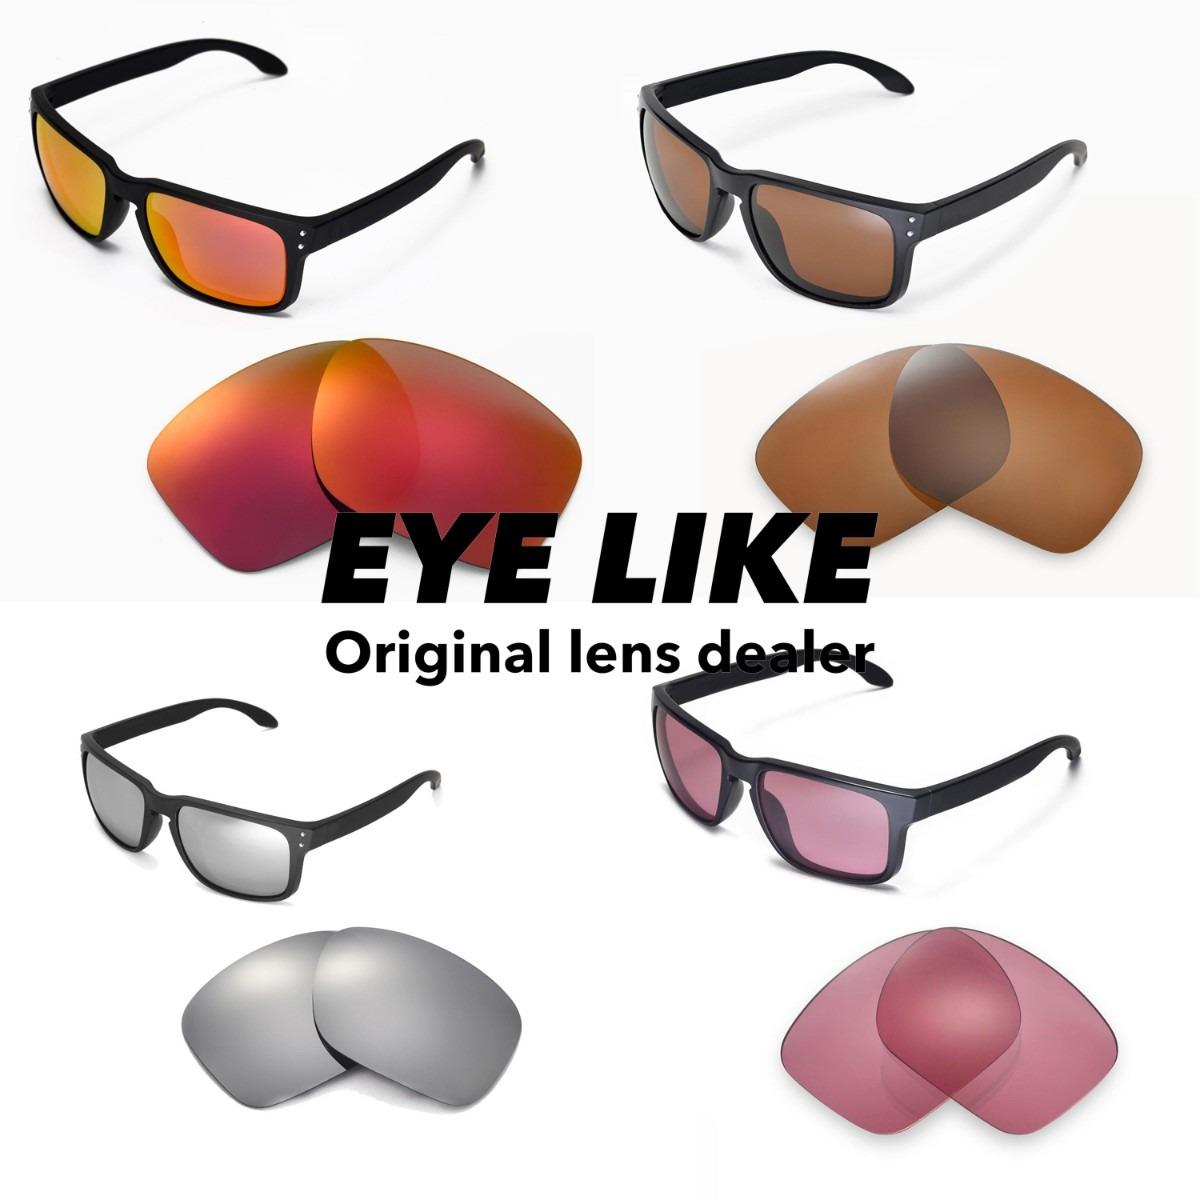 78e45ba9af Repuestos Gafas Oakley Holbrook Originales Polarizado - U$S 50,00 en Mercado  Libre